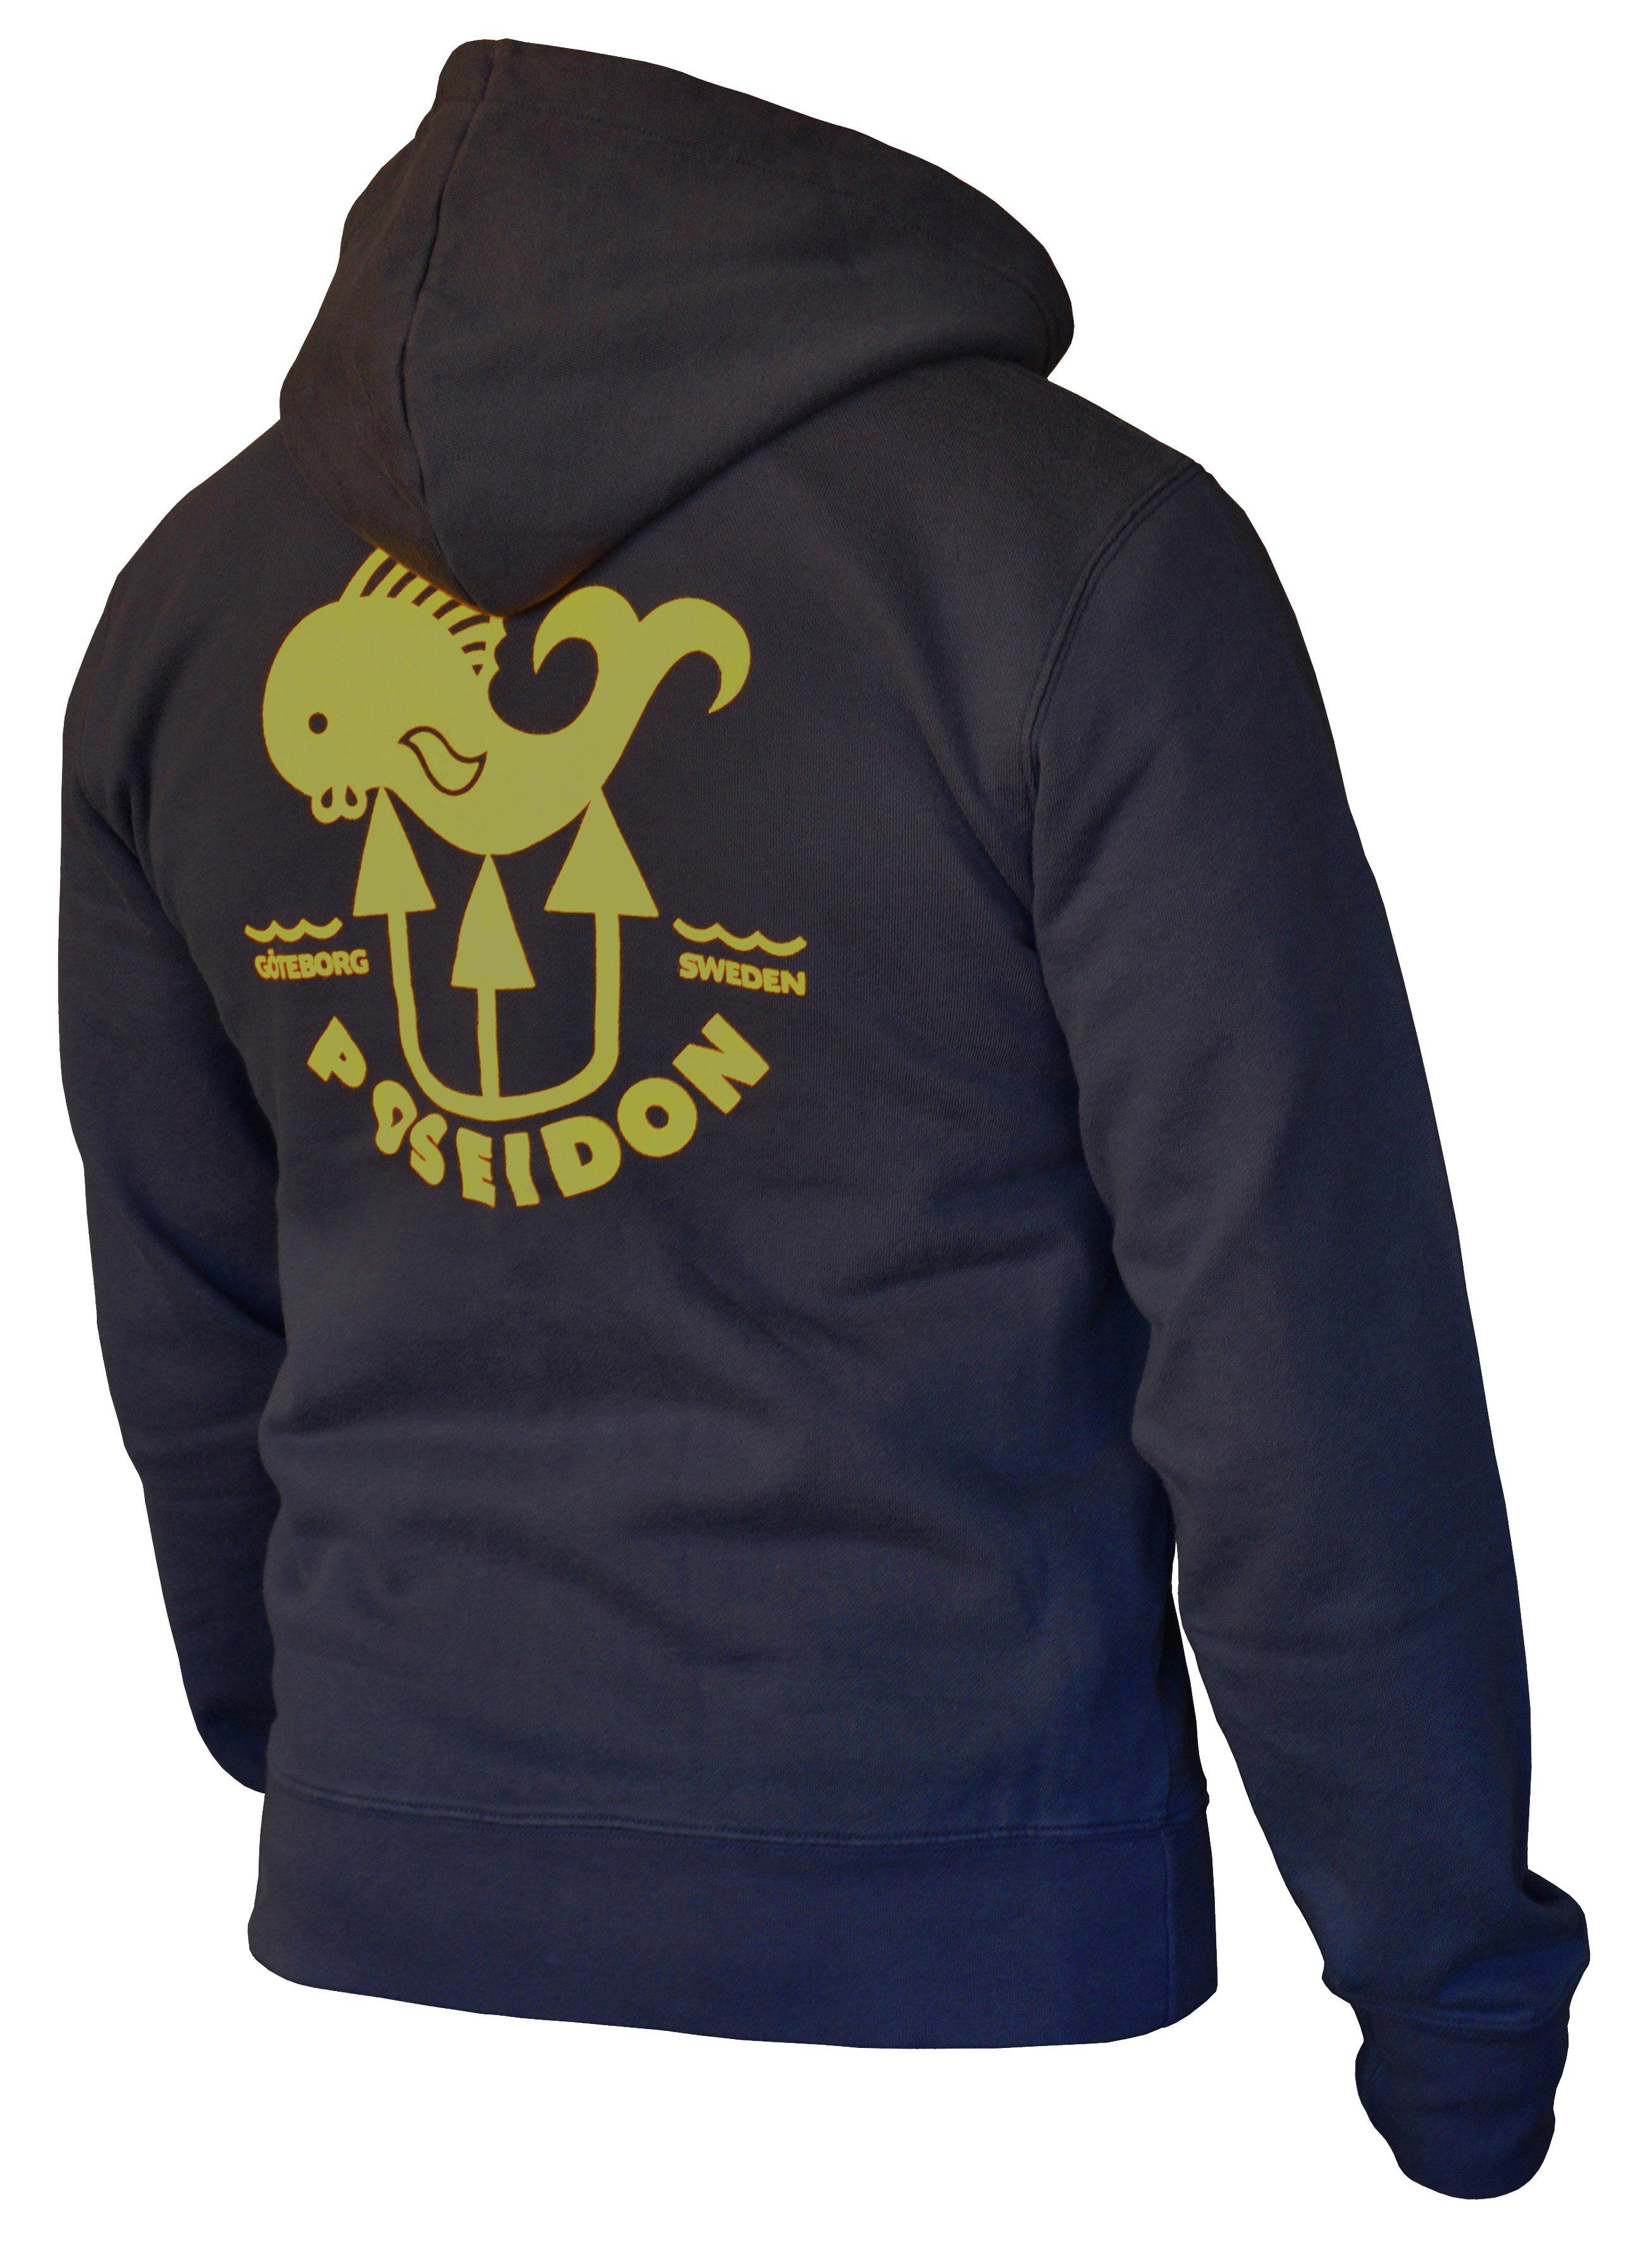 Poseidon Fish Zip Hooded Sweatshirt